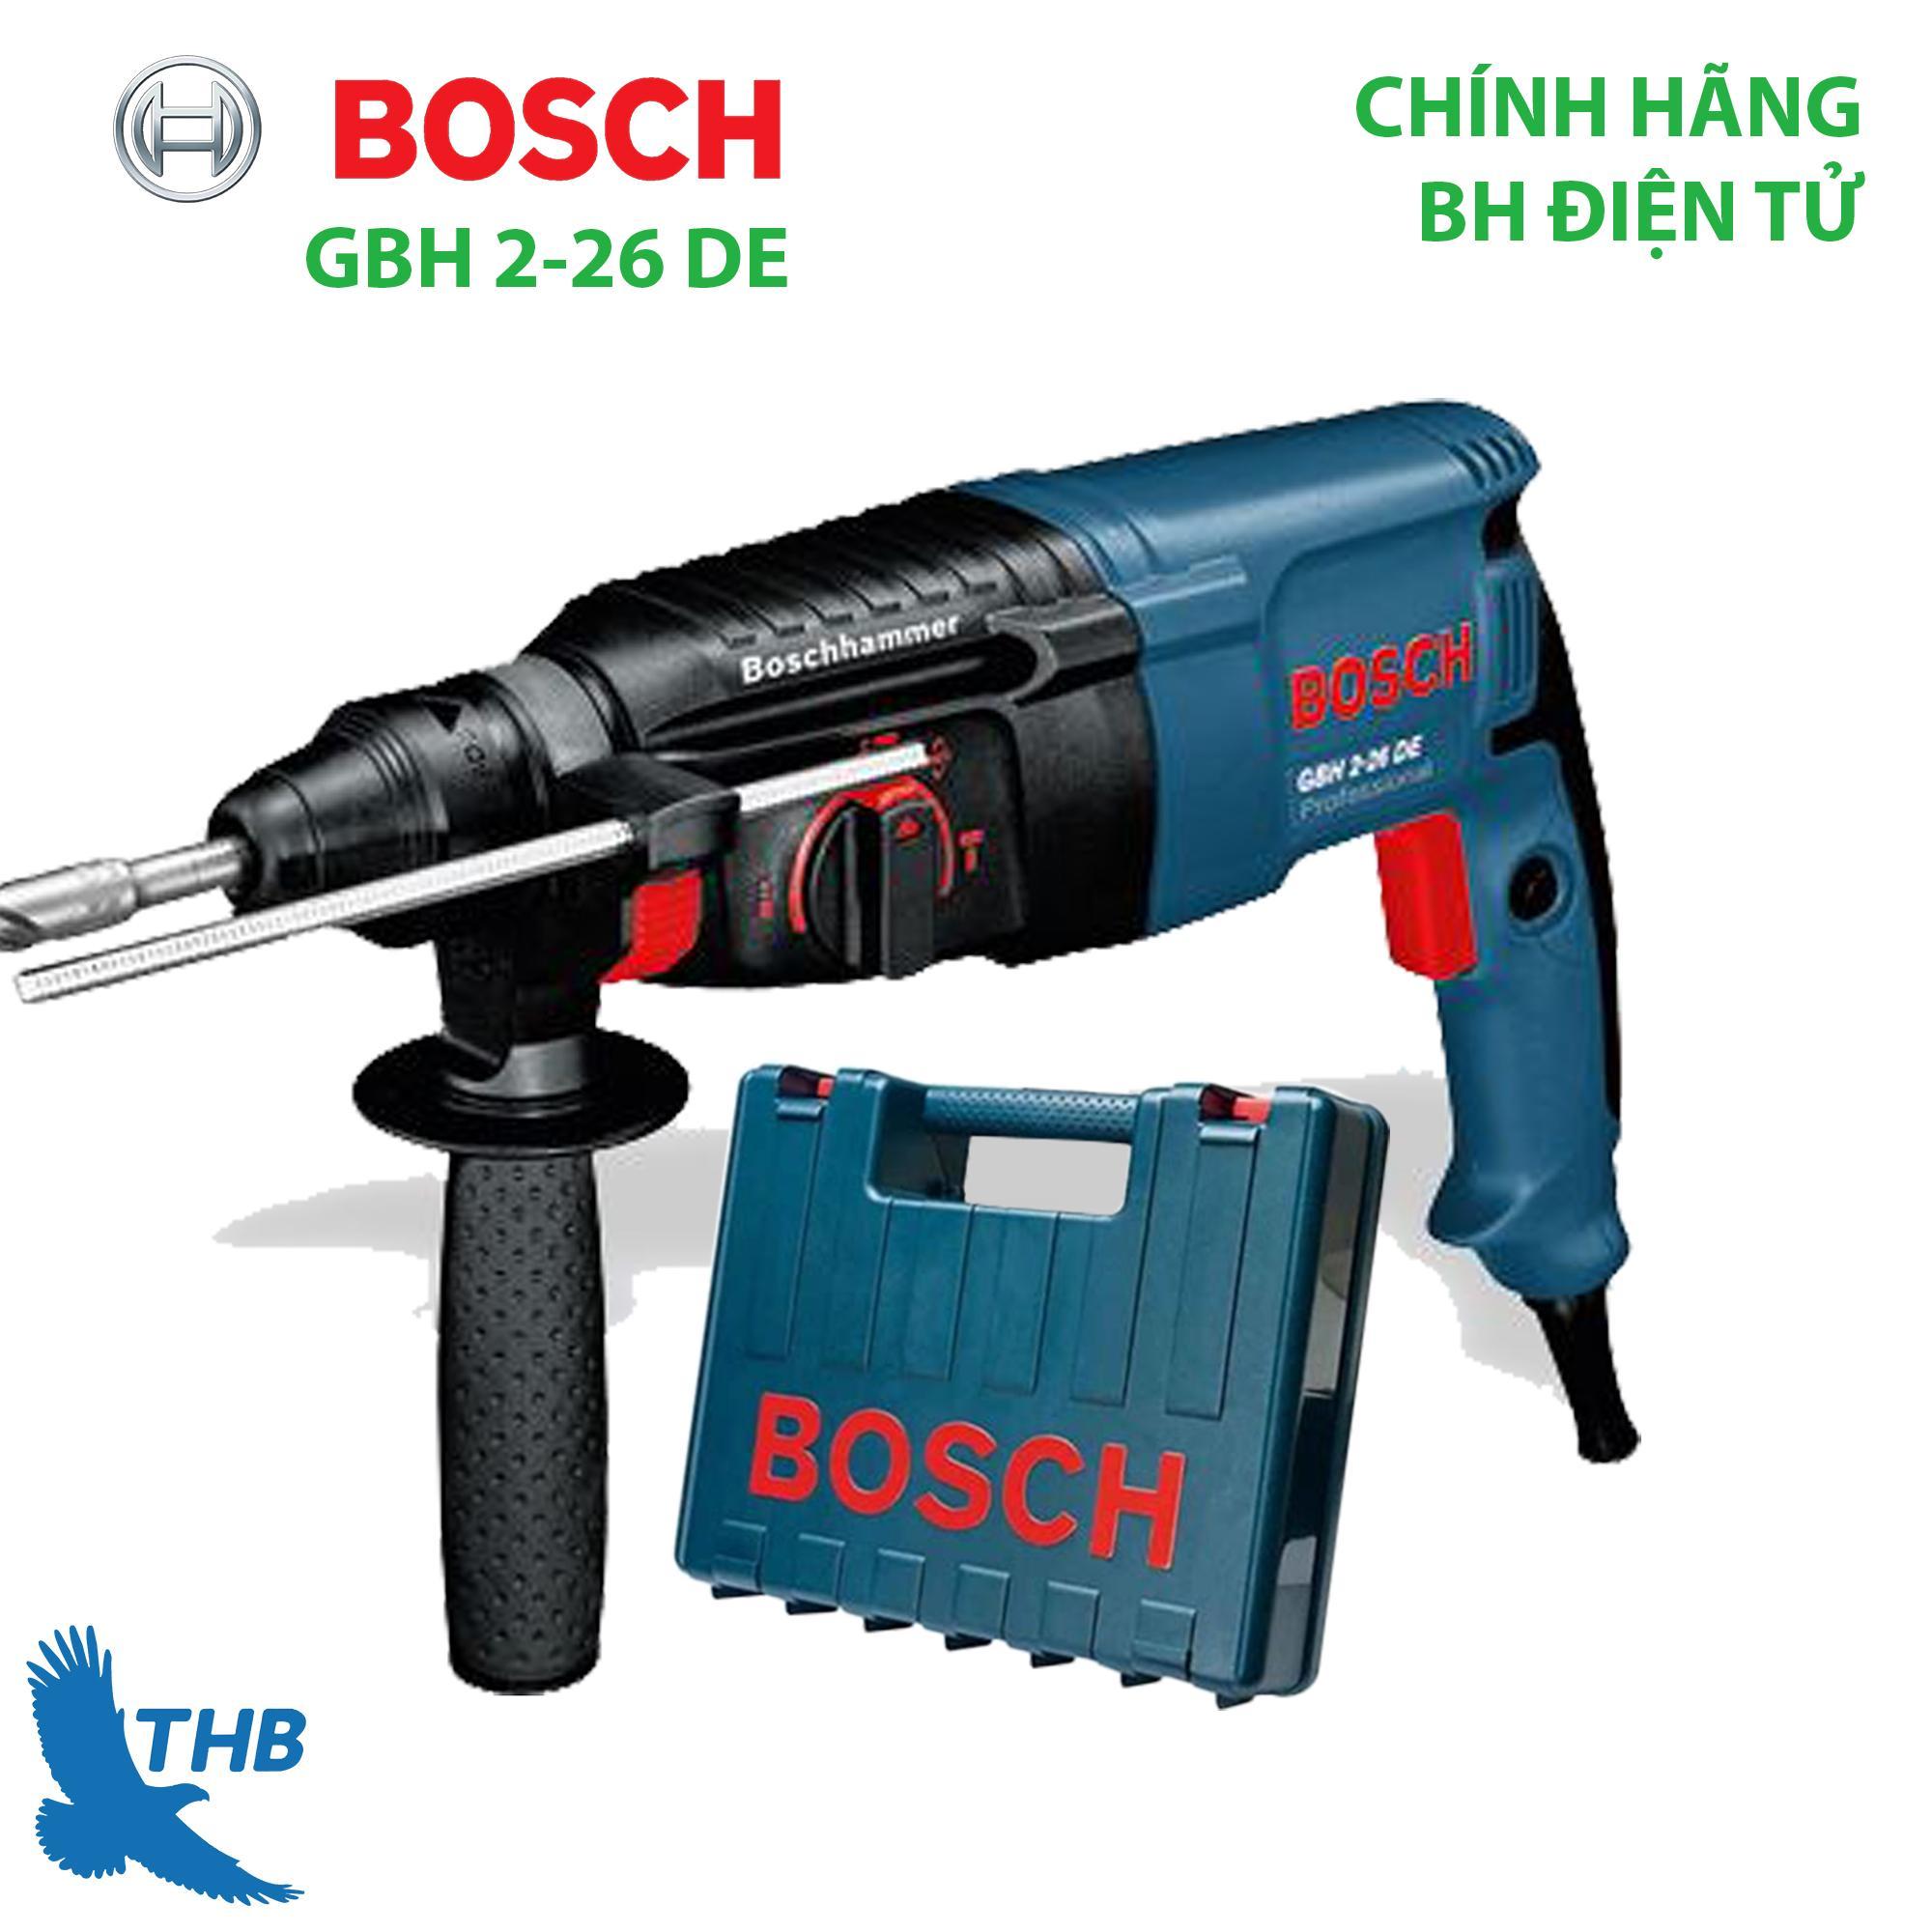 Máy khoan bê tông Máy khoan búa Bosch GBH 2-26 DE Công suất 800W Bảo hành điện tử 12 tháng